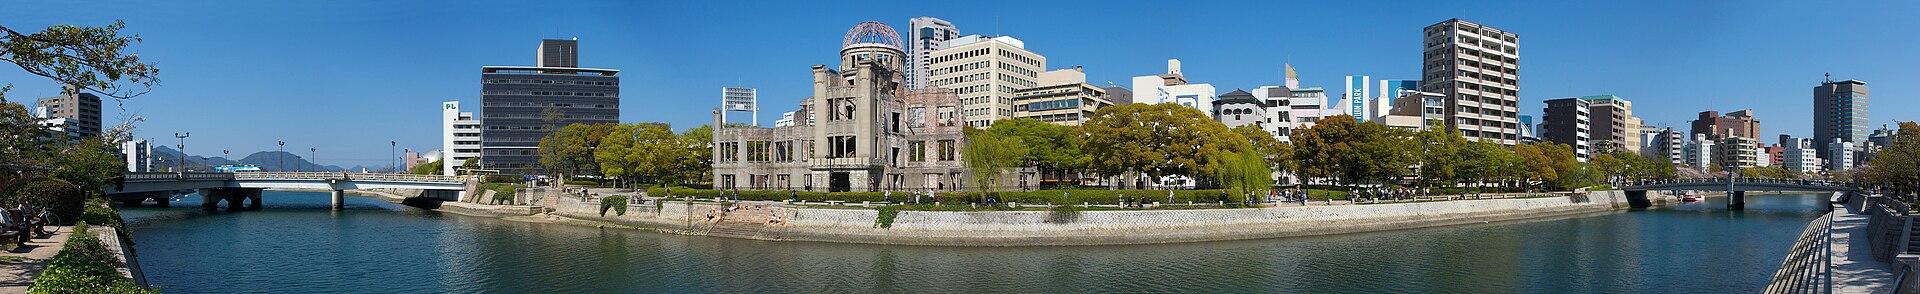 Vista del Monumento de la Paz de Hiroshima. La Cúpula Genbaku, la cual permaneció en pie después del bombardeo, se ve claramente en el centro de la imagen. El blanco original de la bomba era el puente Aioi, a la izquierda en la vista panorámica. Imagen de De Dean S. Pemberton, CC BY-SA 4.0, https://commons.wikimedia.org/w/index.php?curid=5985044